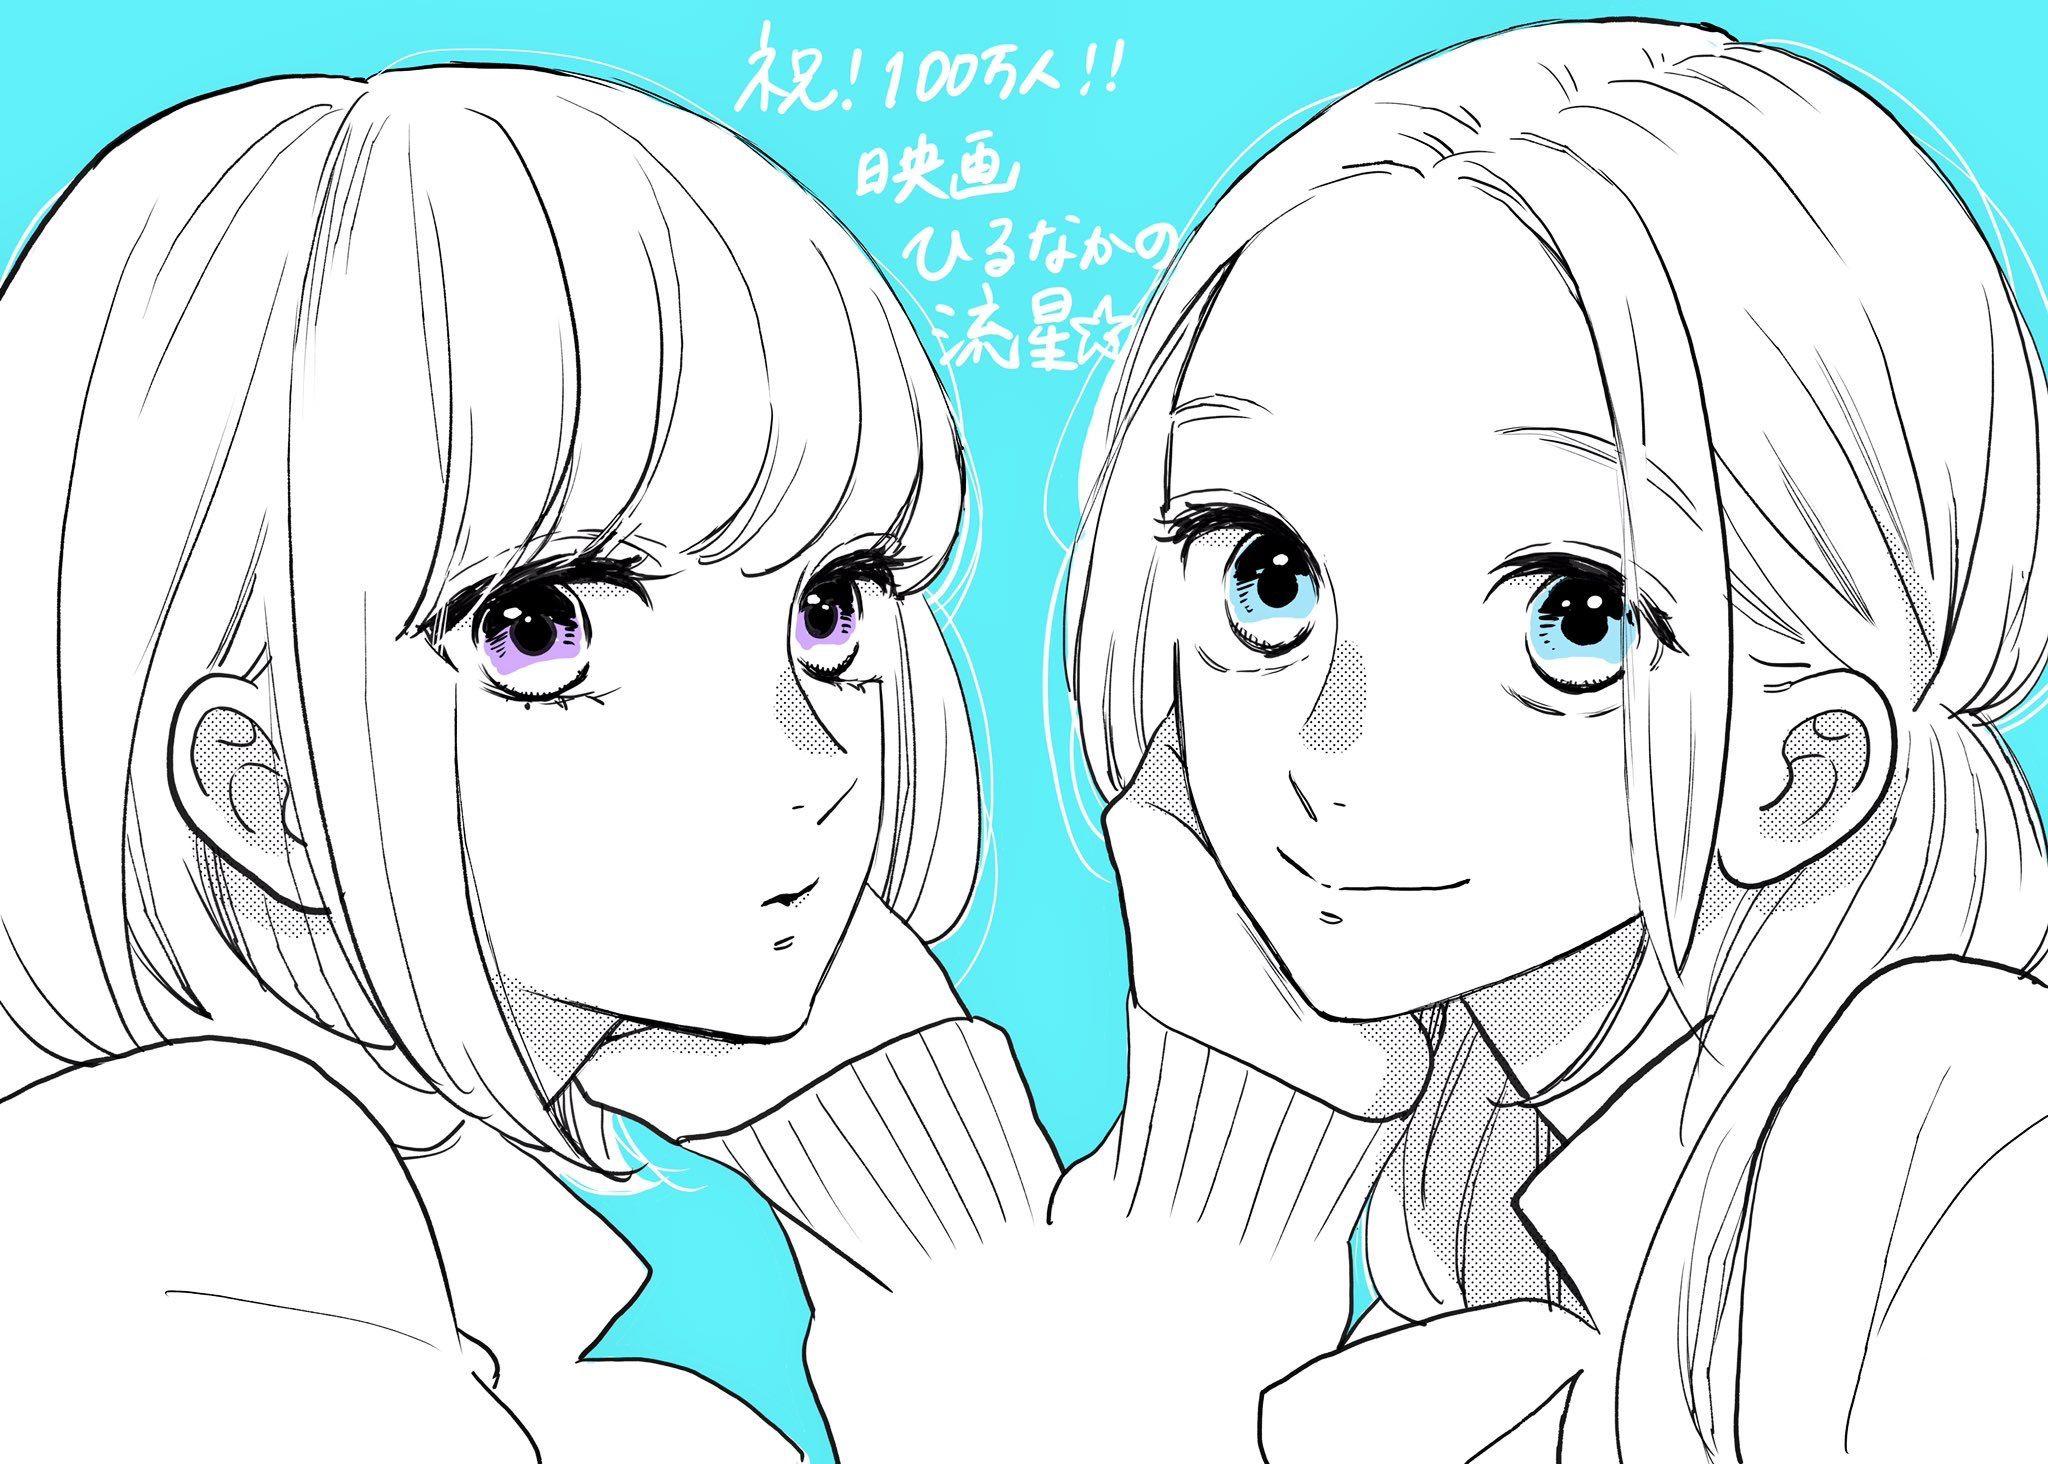 Pin oleh Rui di アニメ Animasi